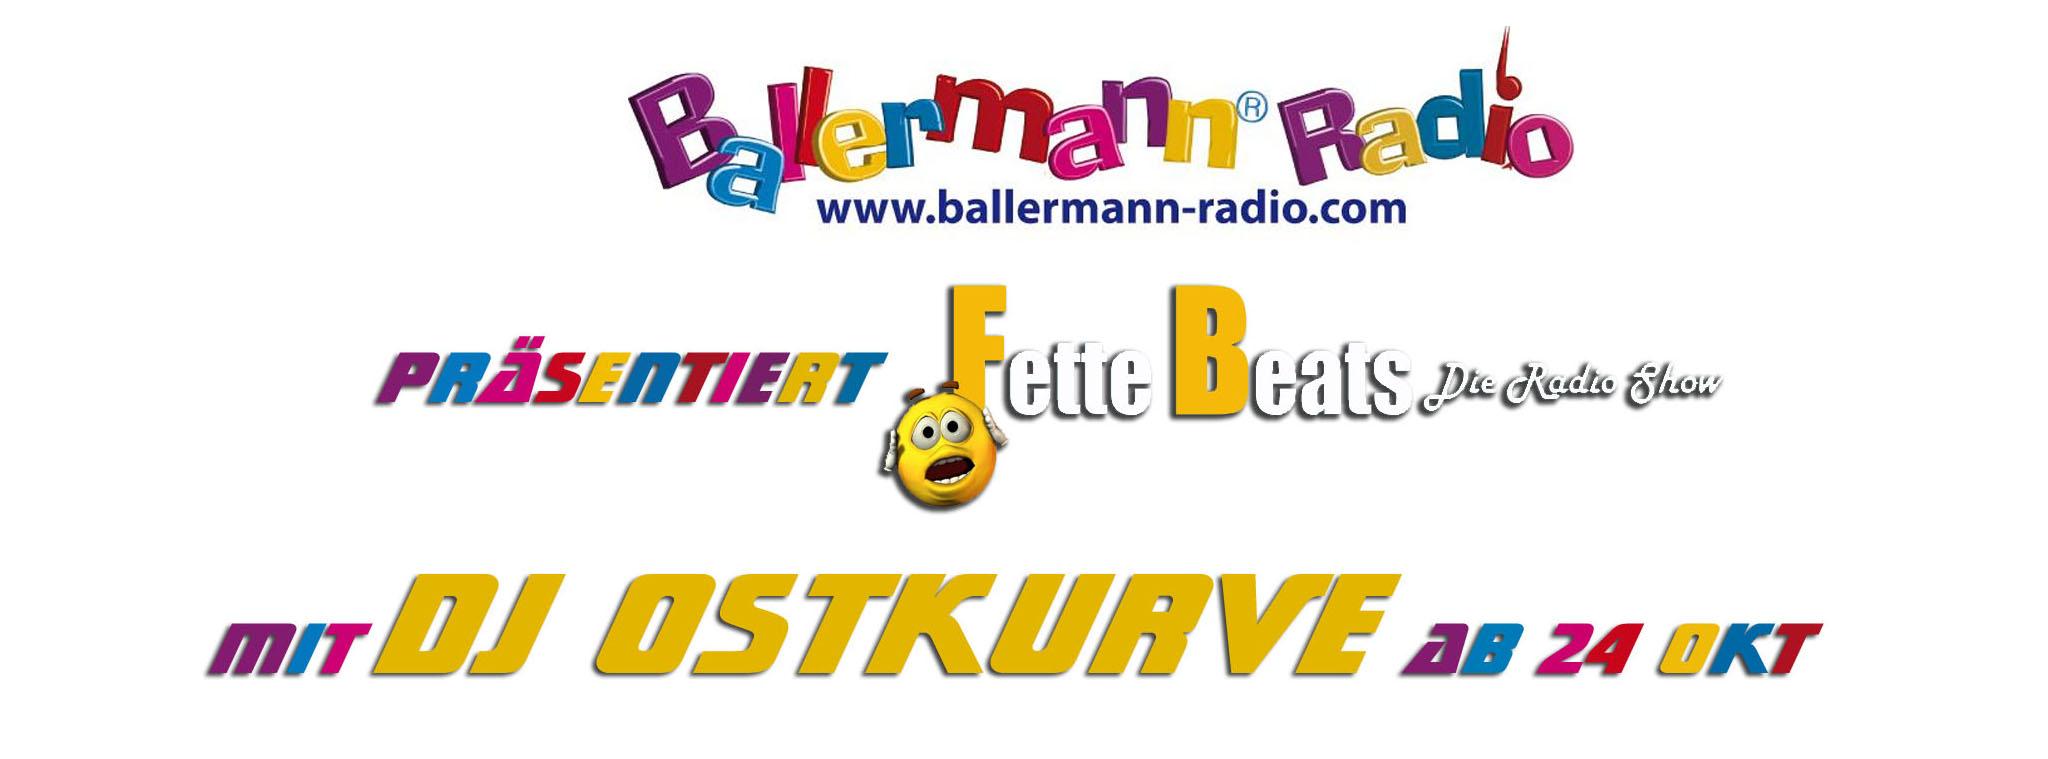 Neue Radio Show Bei Ballermann Radio